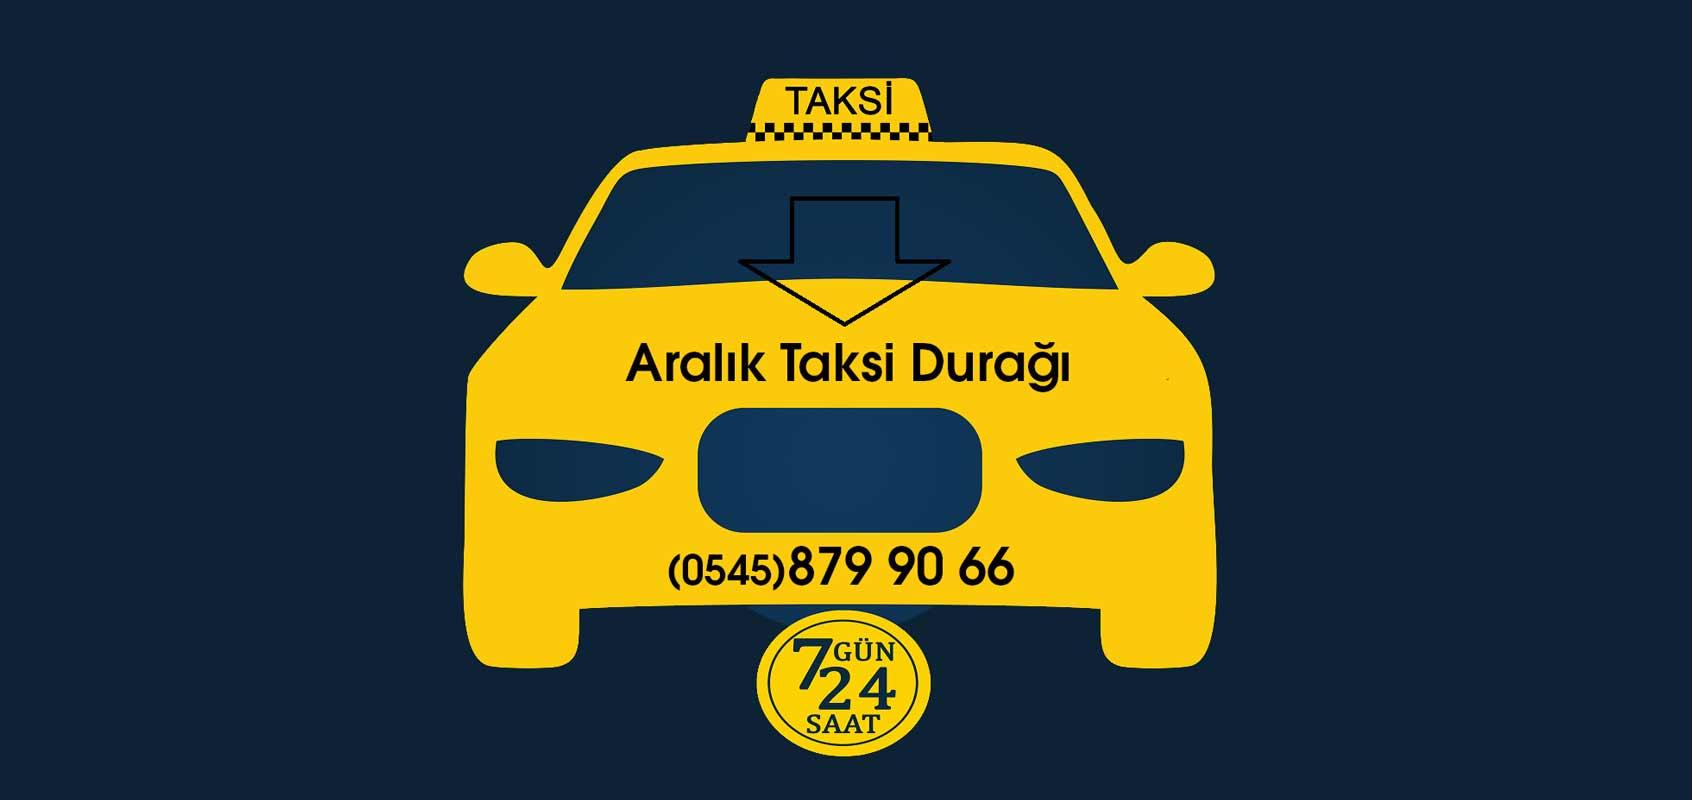 Aralık Taksi Durağı